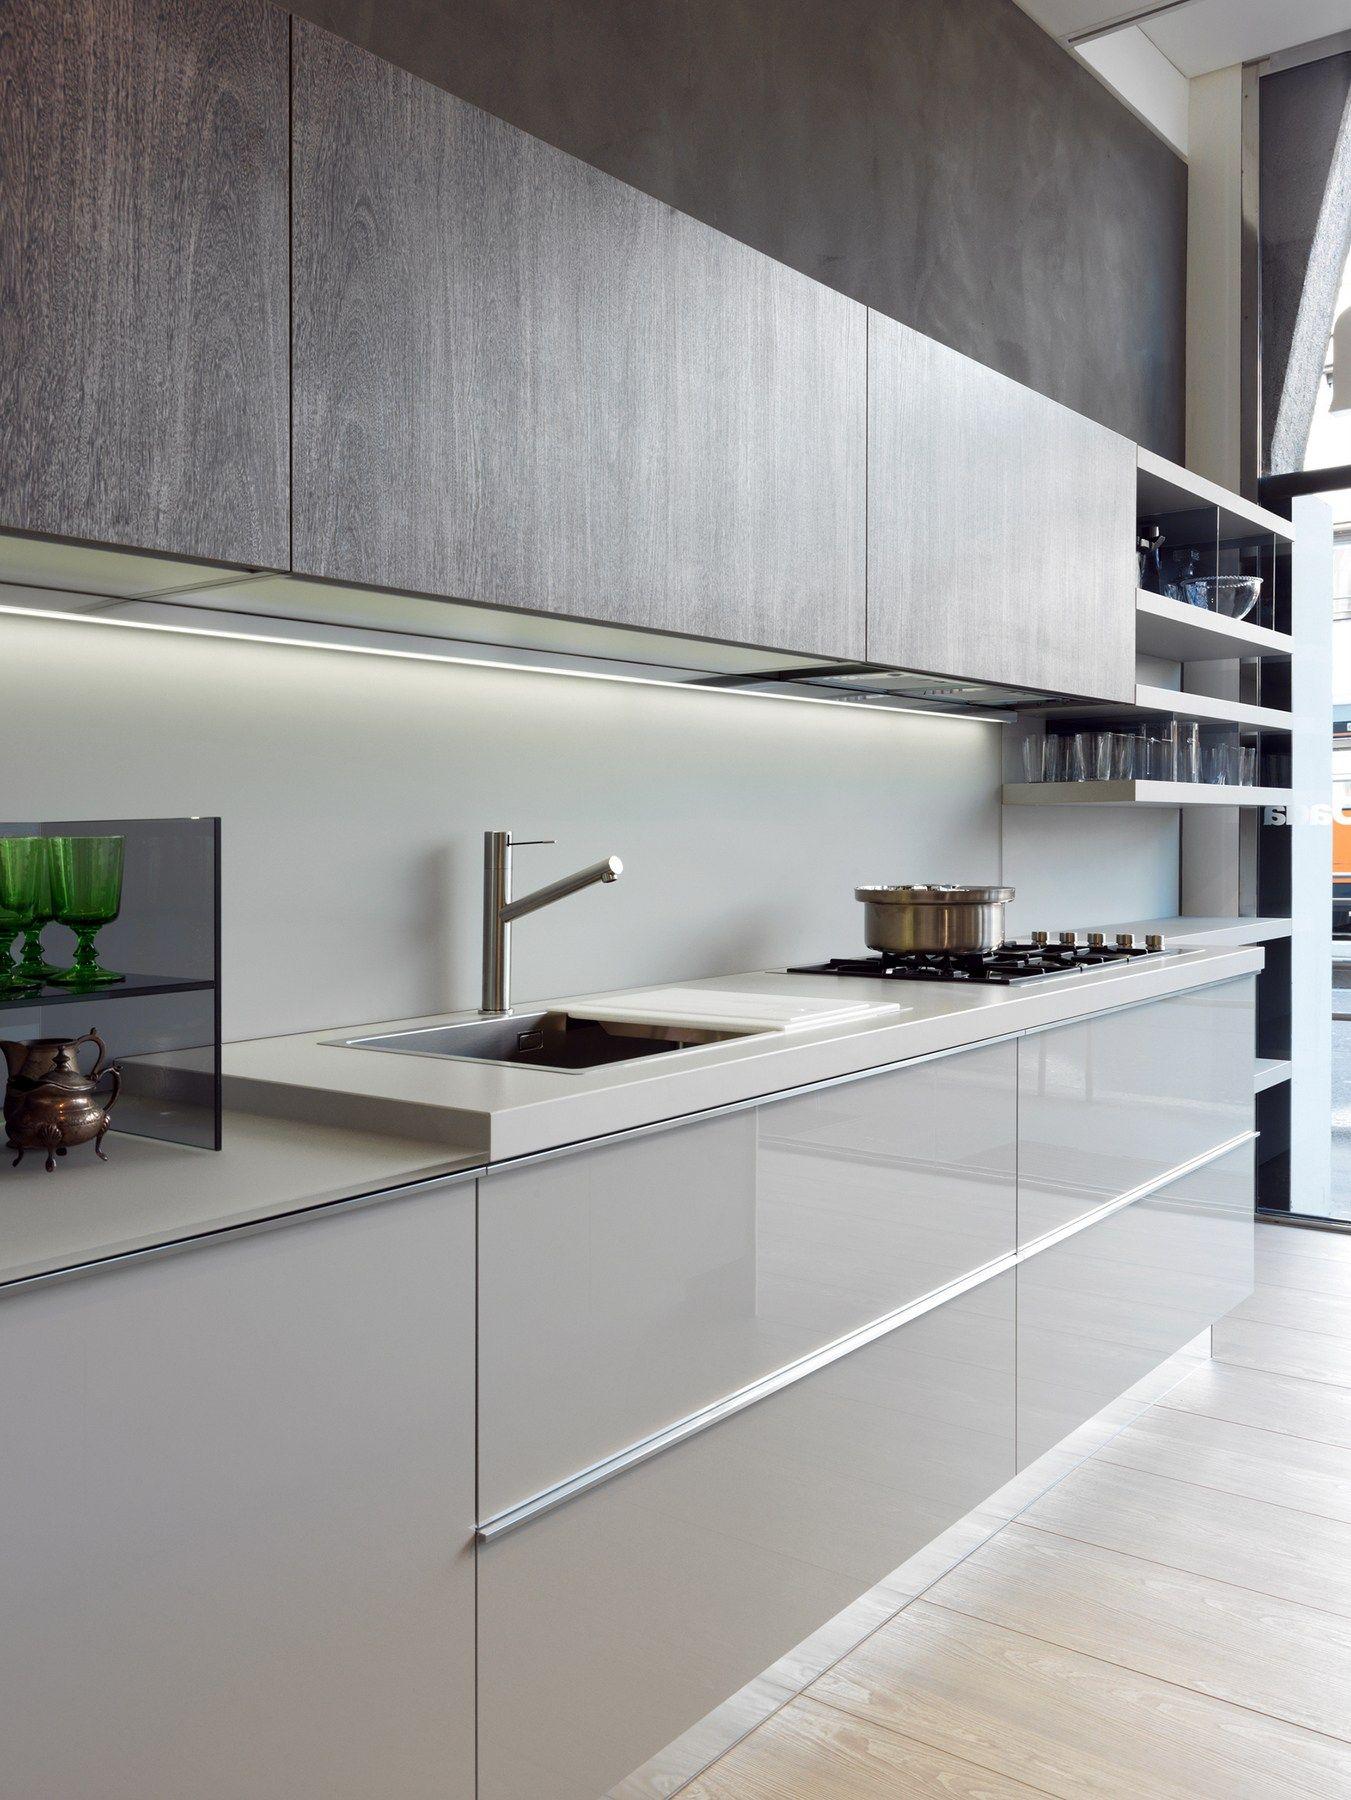 Modular fitted kitchen INDada by DADA   design Nicola Gallizia ...